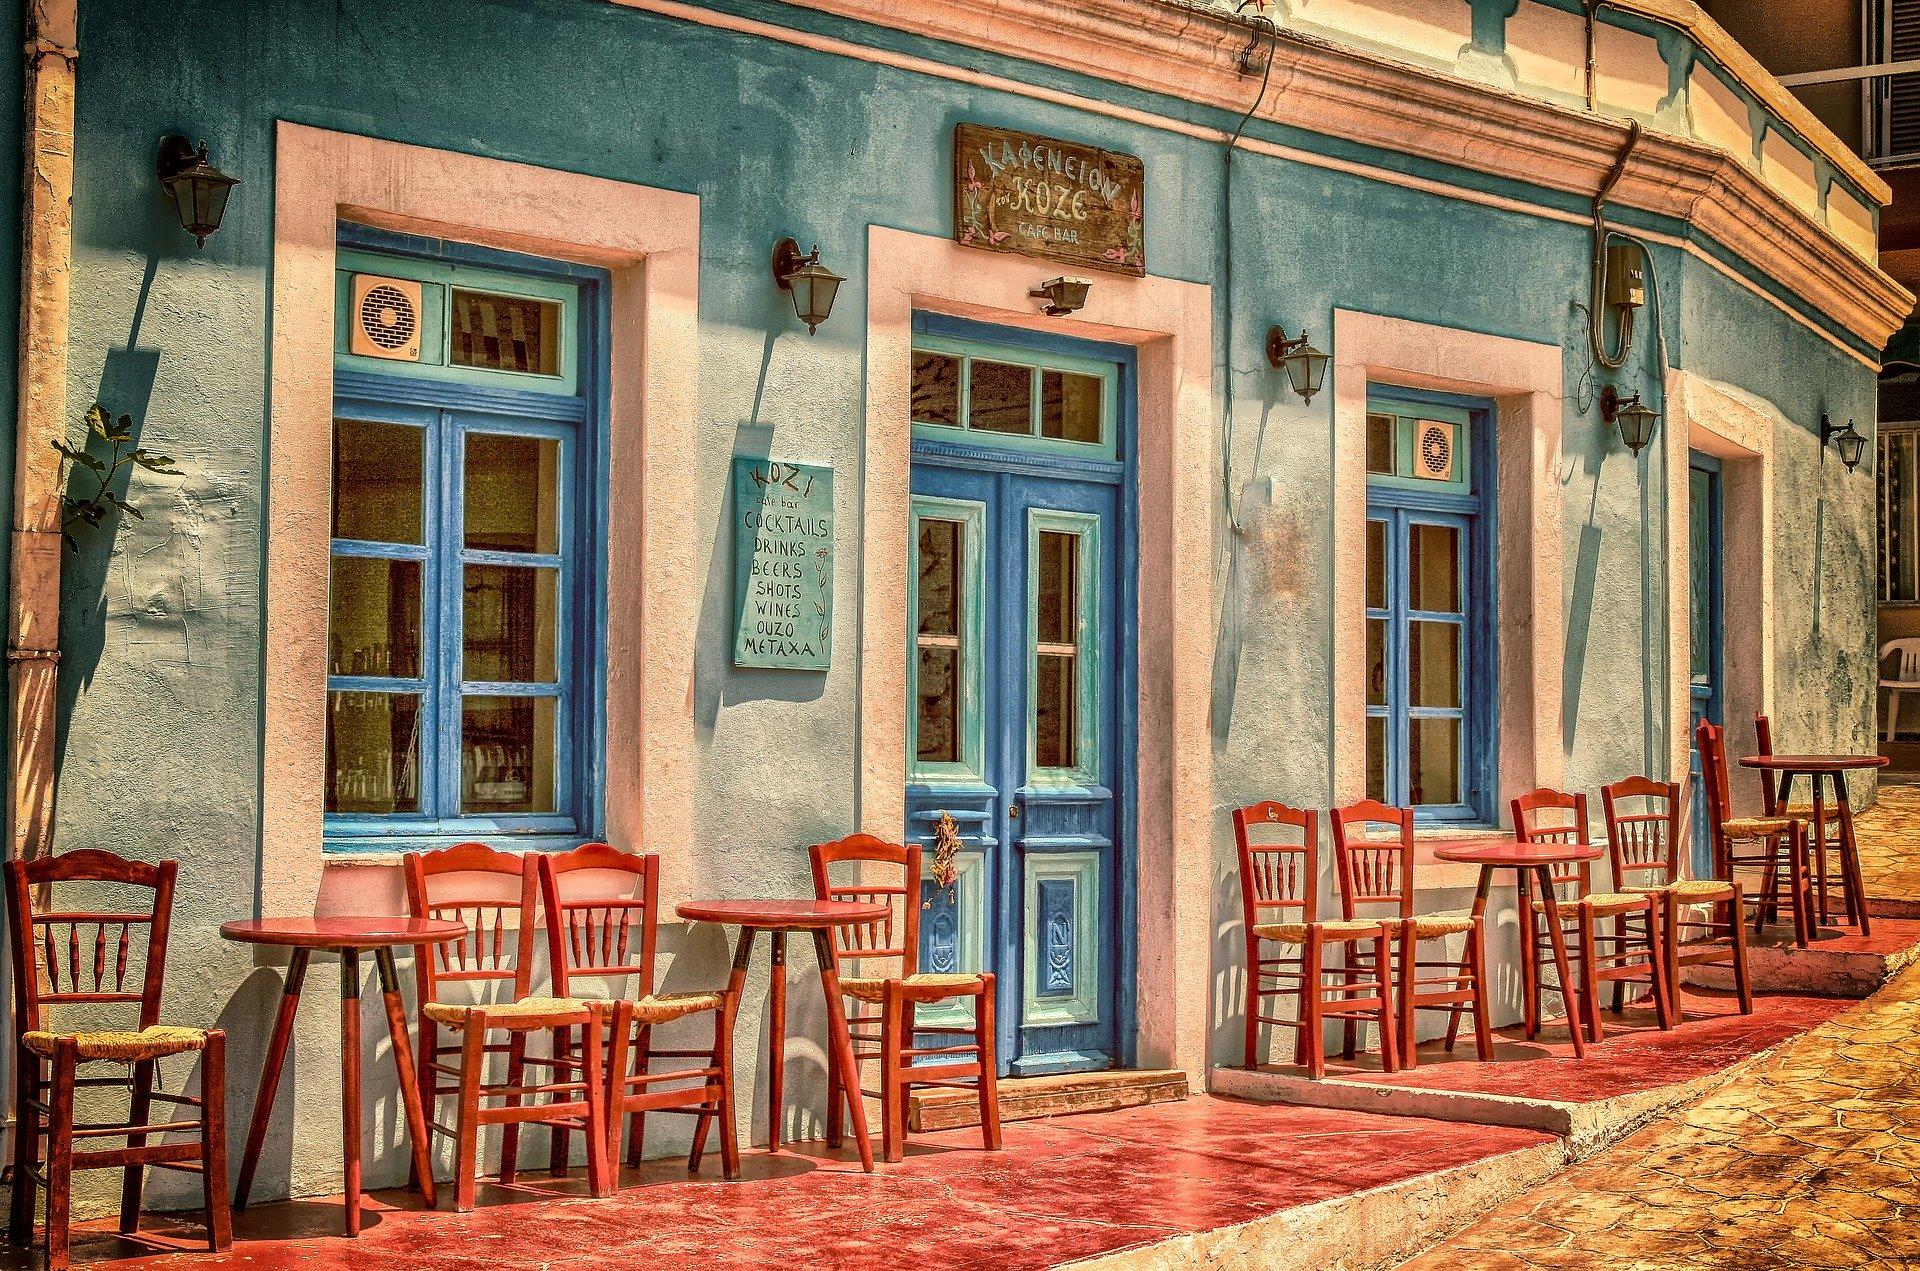 Viagem pelo mundo: 3 restaurantes que vale a pena conhecer